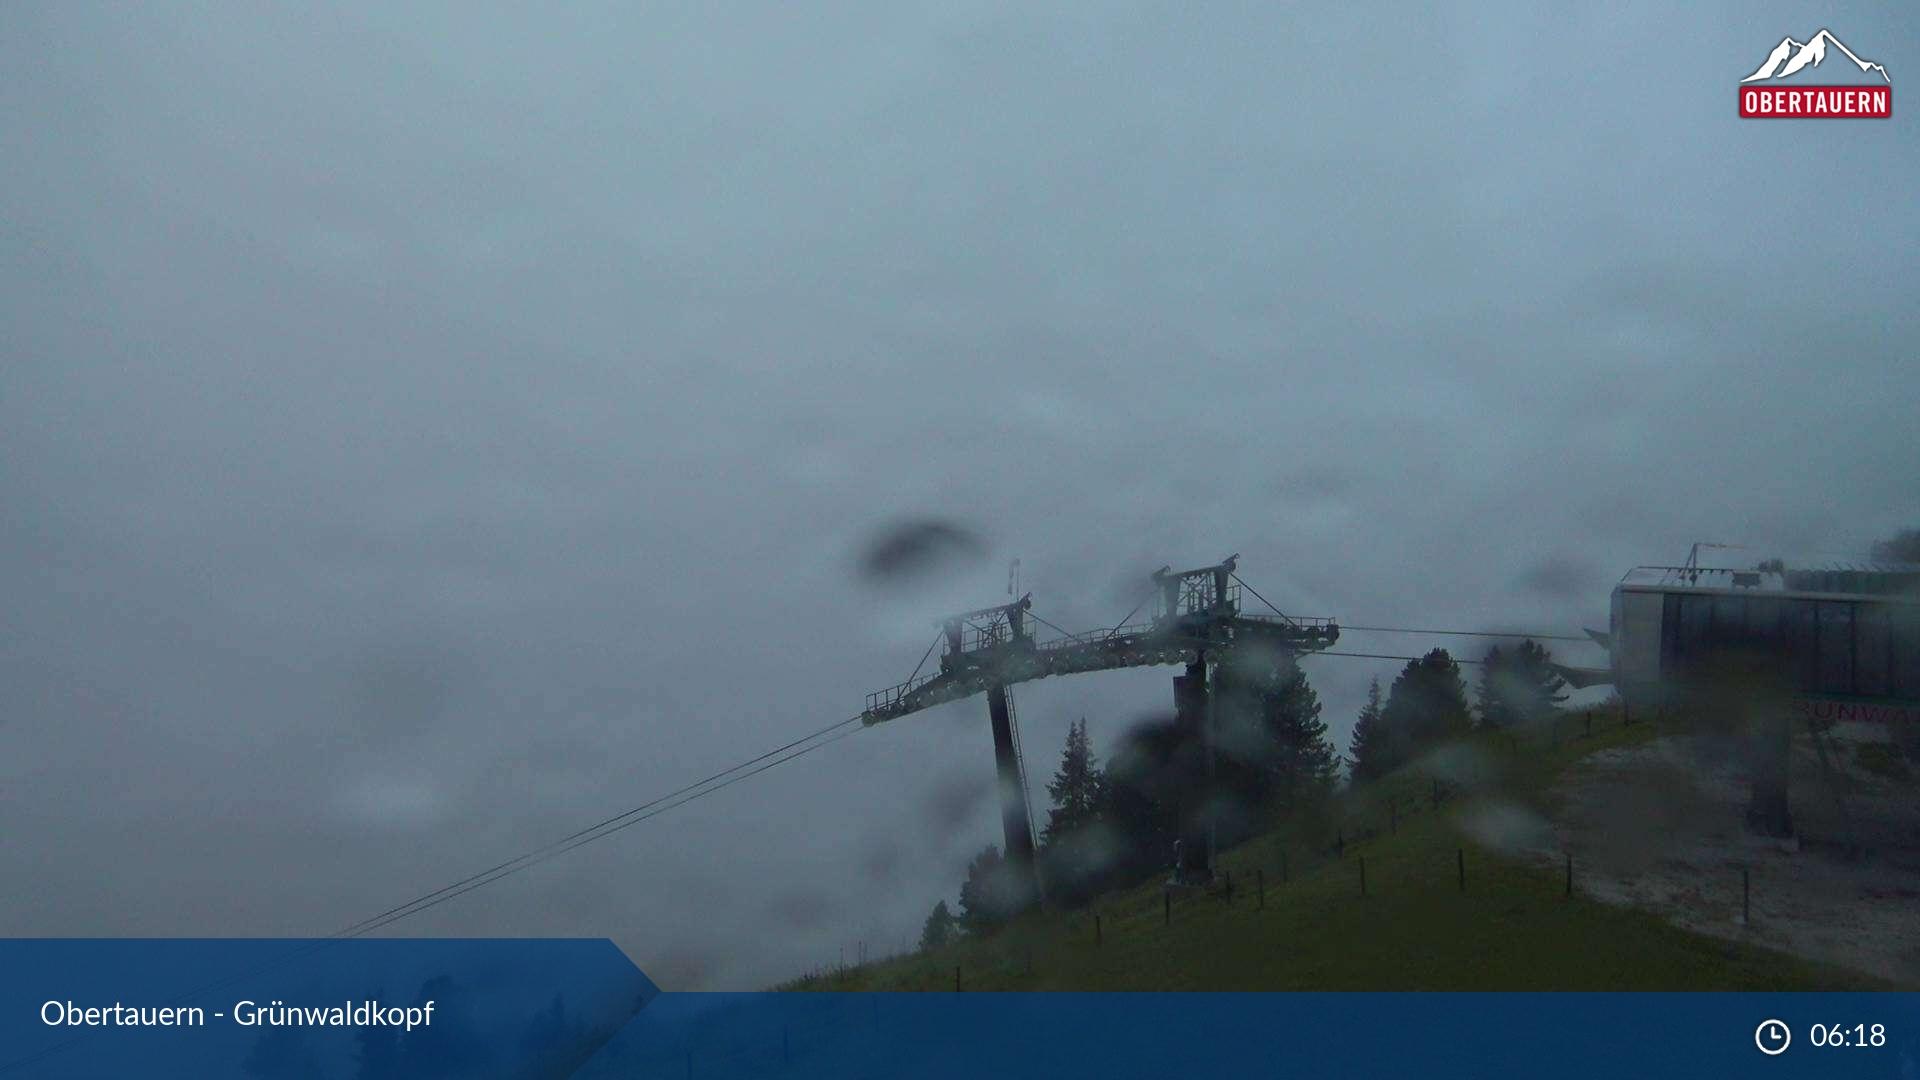 Obertauern webcam - Grünwaldkopf